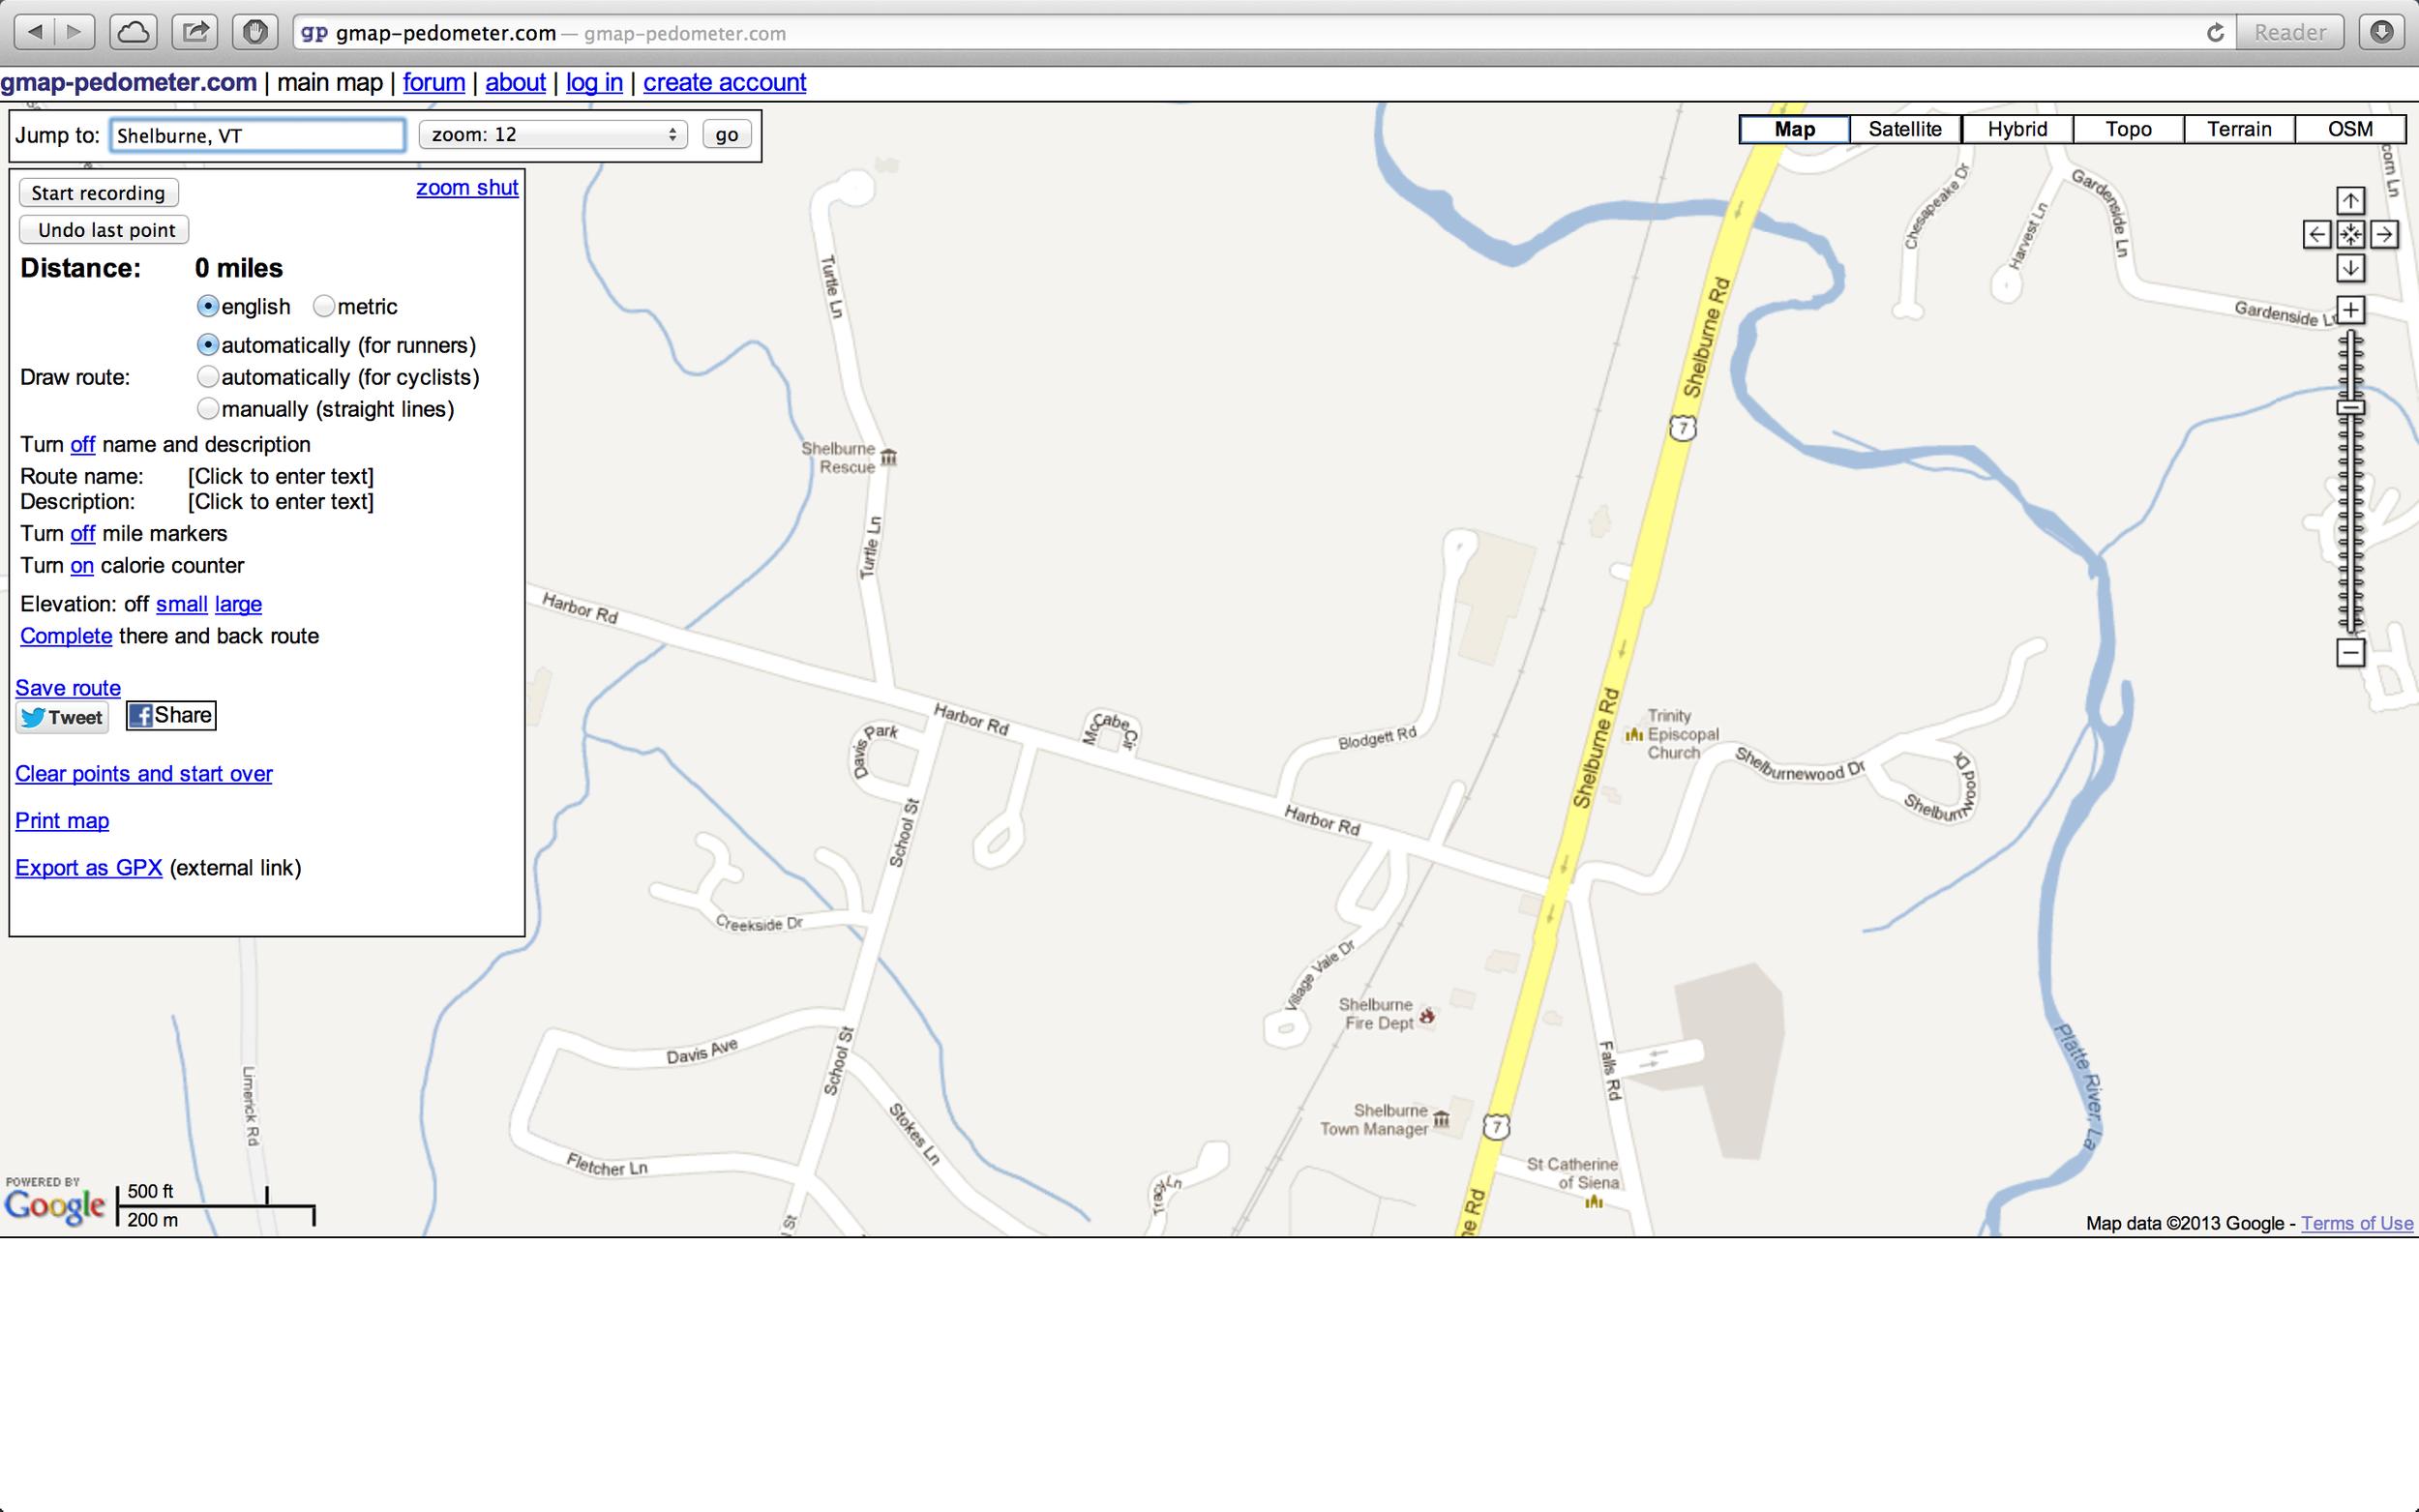 Screen Shot 2013-03-29 at 4.49.52 PM.png